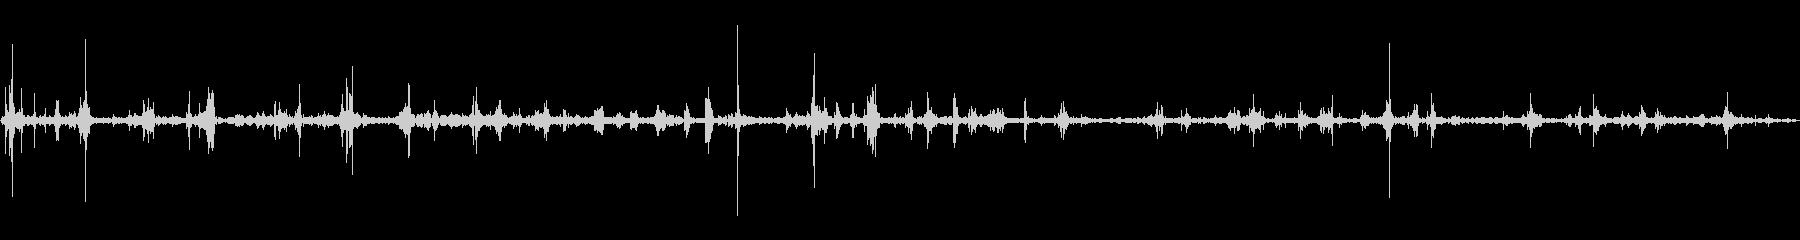 ブラックベア:ヘビーリッキング、ク...の未再生の波形